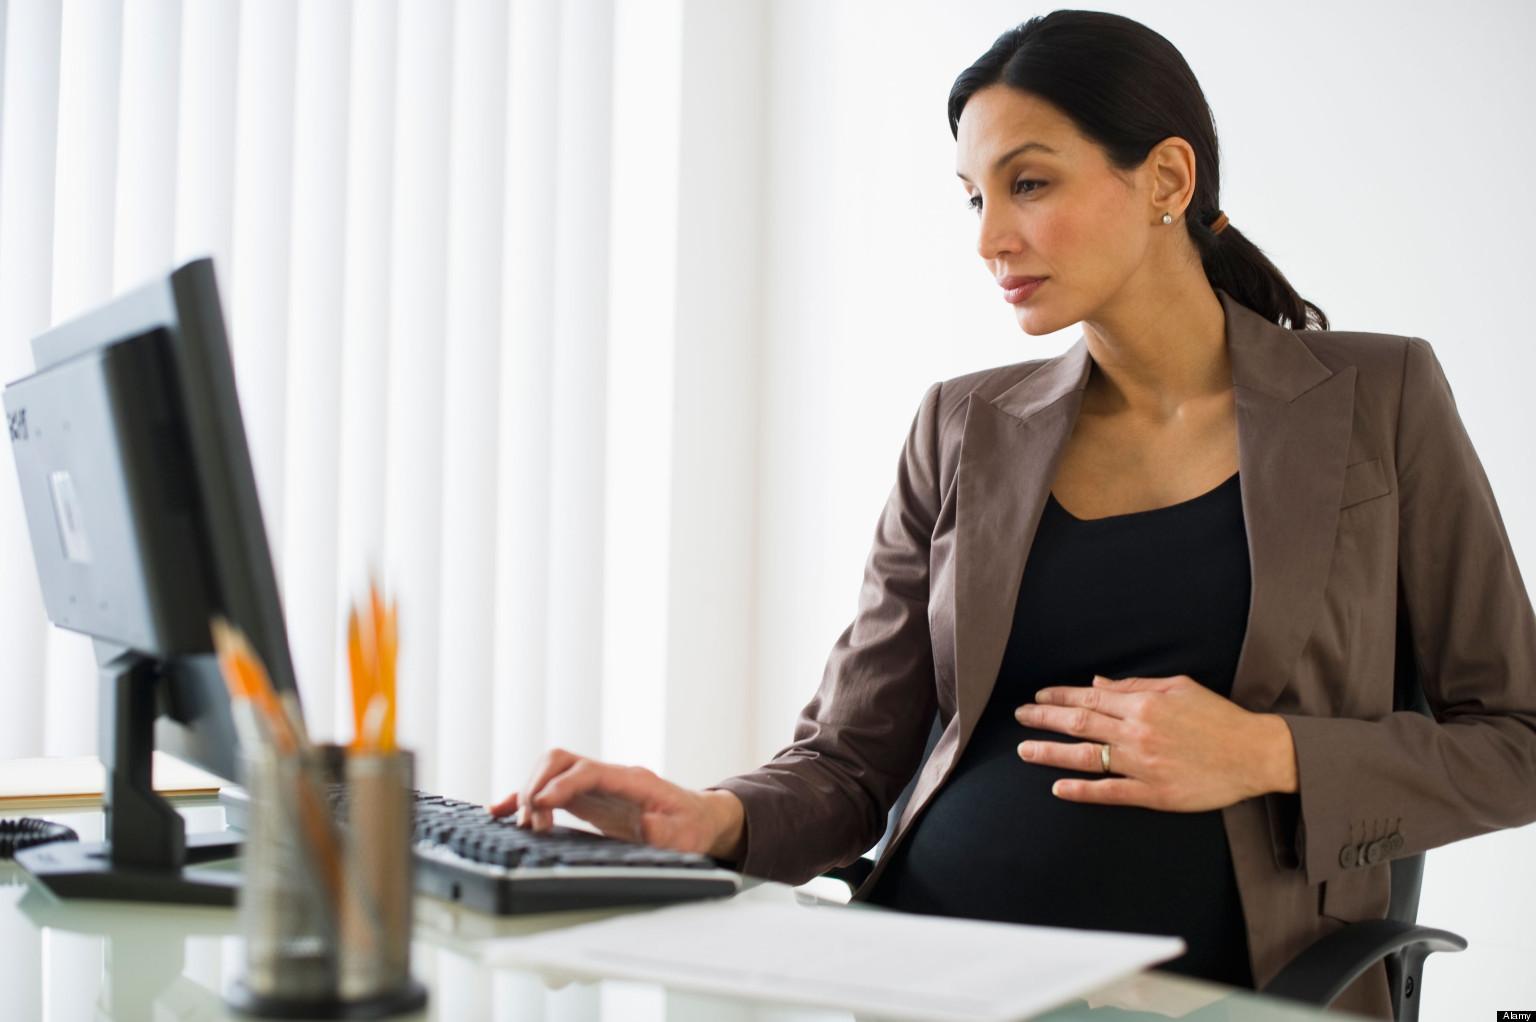 Я беременная и работаю по совместительству